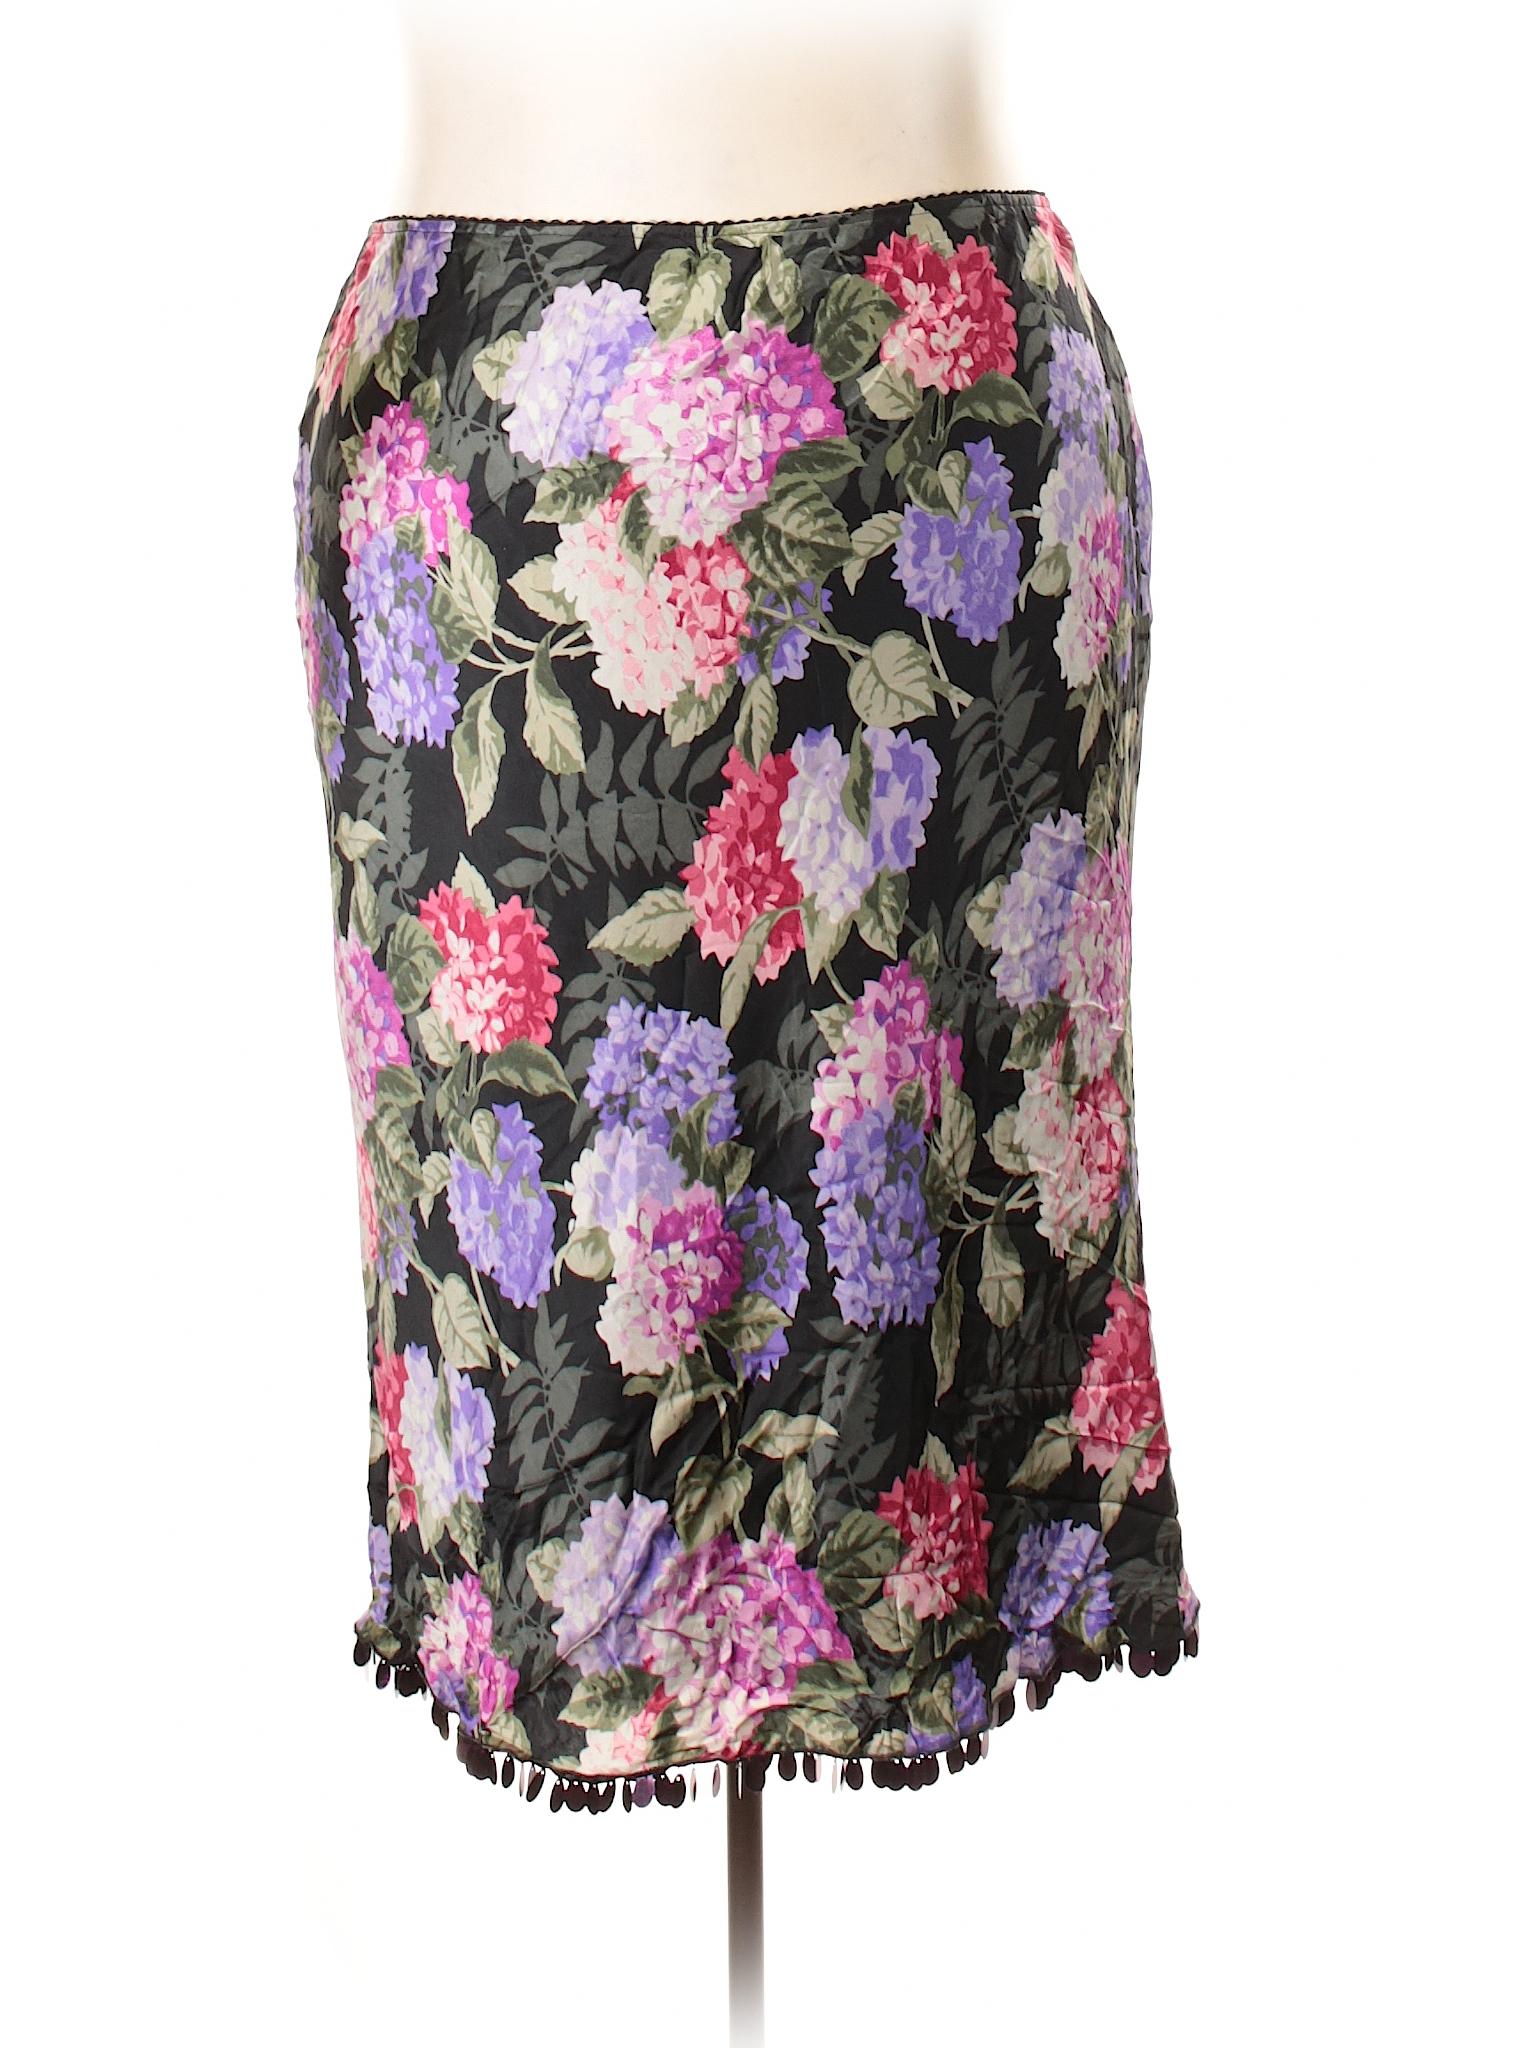 Skirt Skirt Boutique Skirt Boutique Casual Boutique Boutique Skirt Boutique Casual Casual Casual Casual AXnIB75wq7